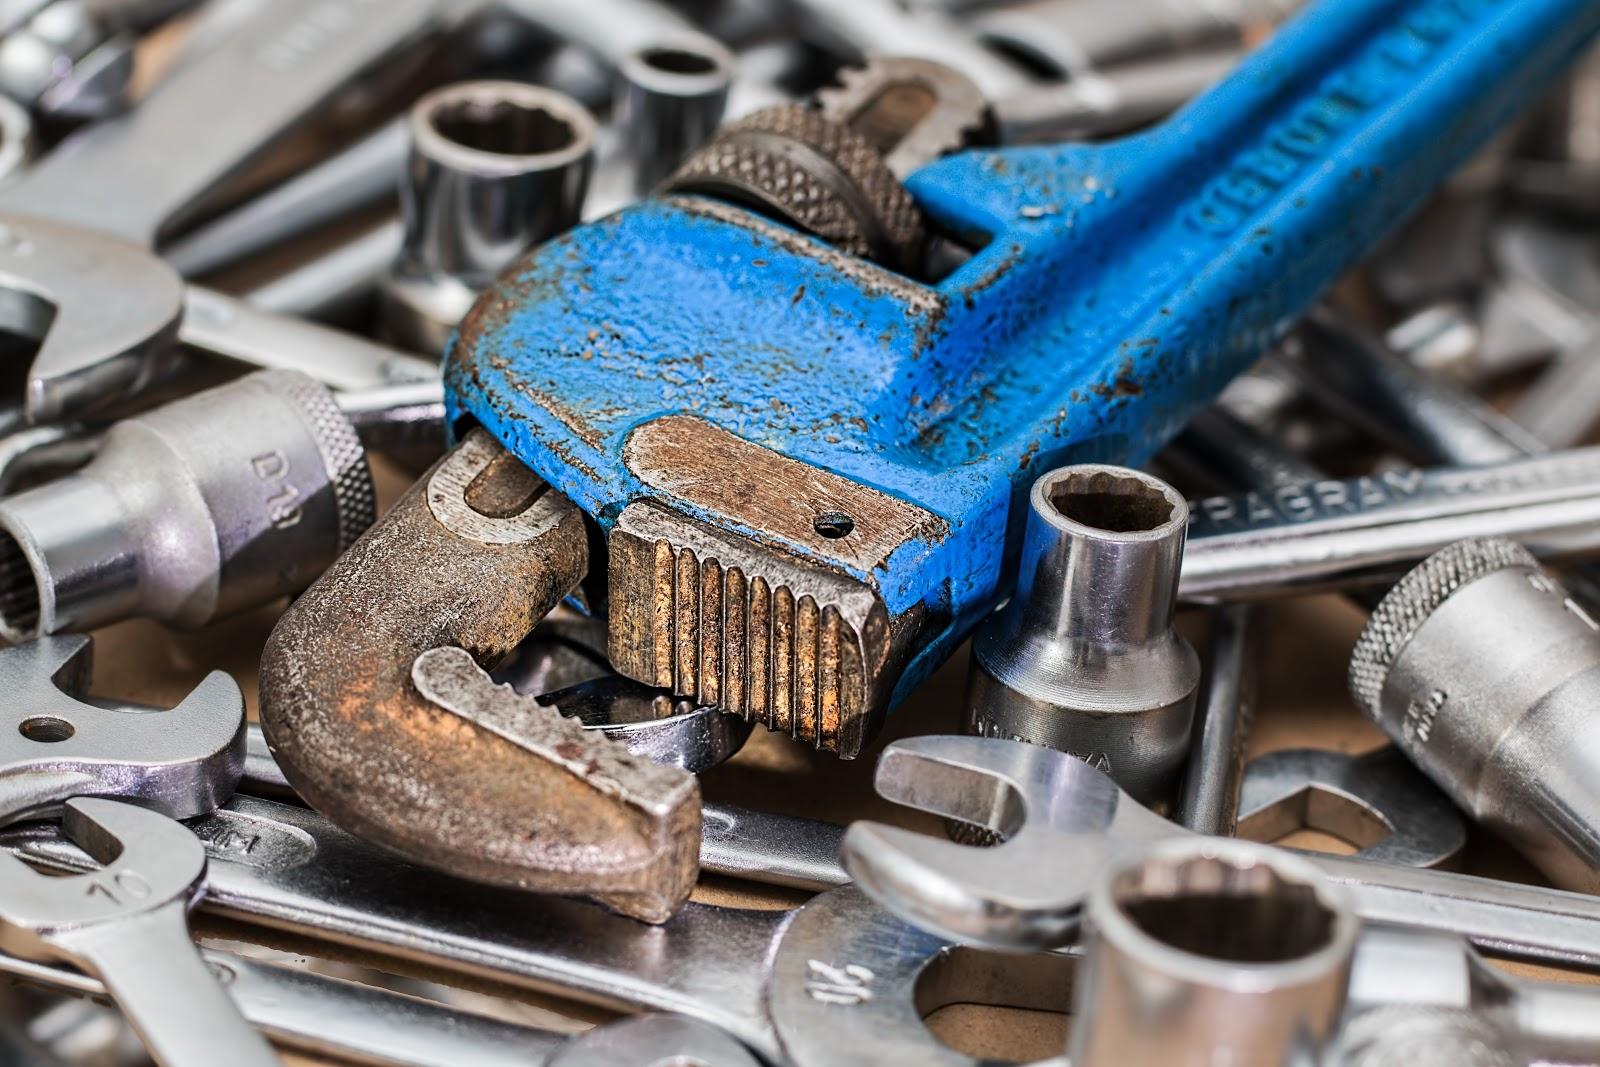 wrench-717684.jpg